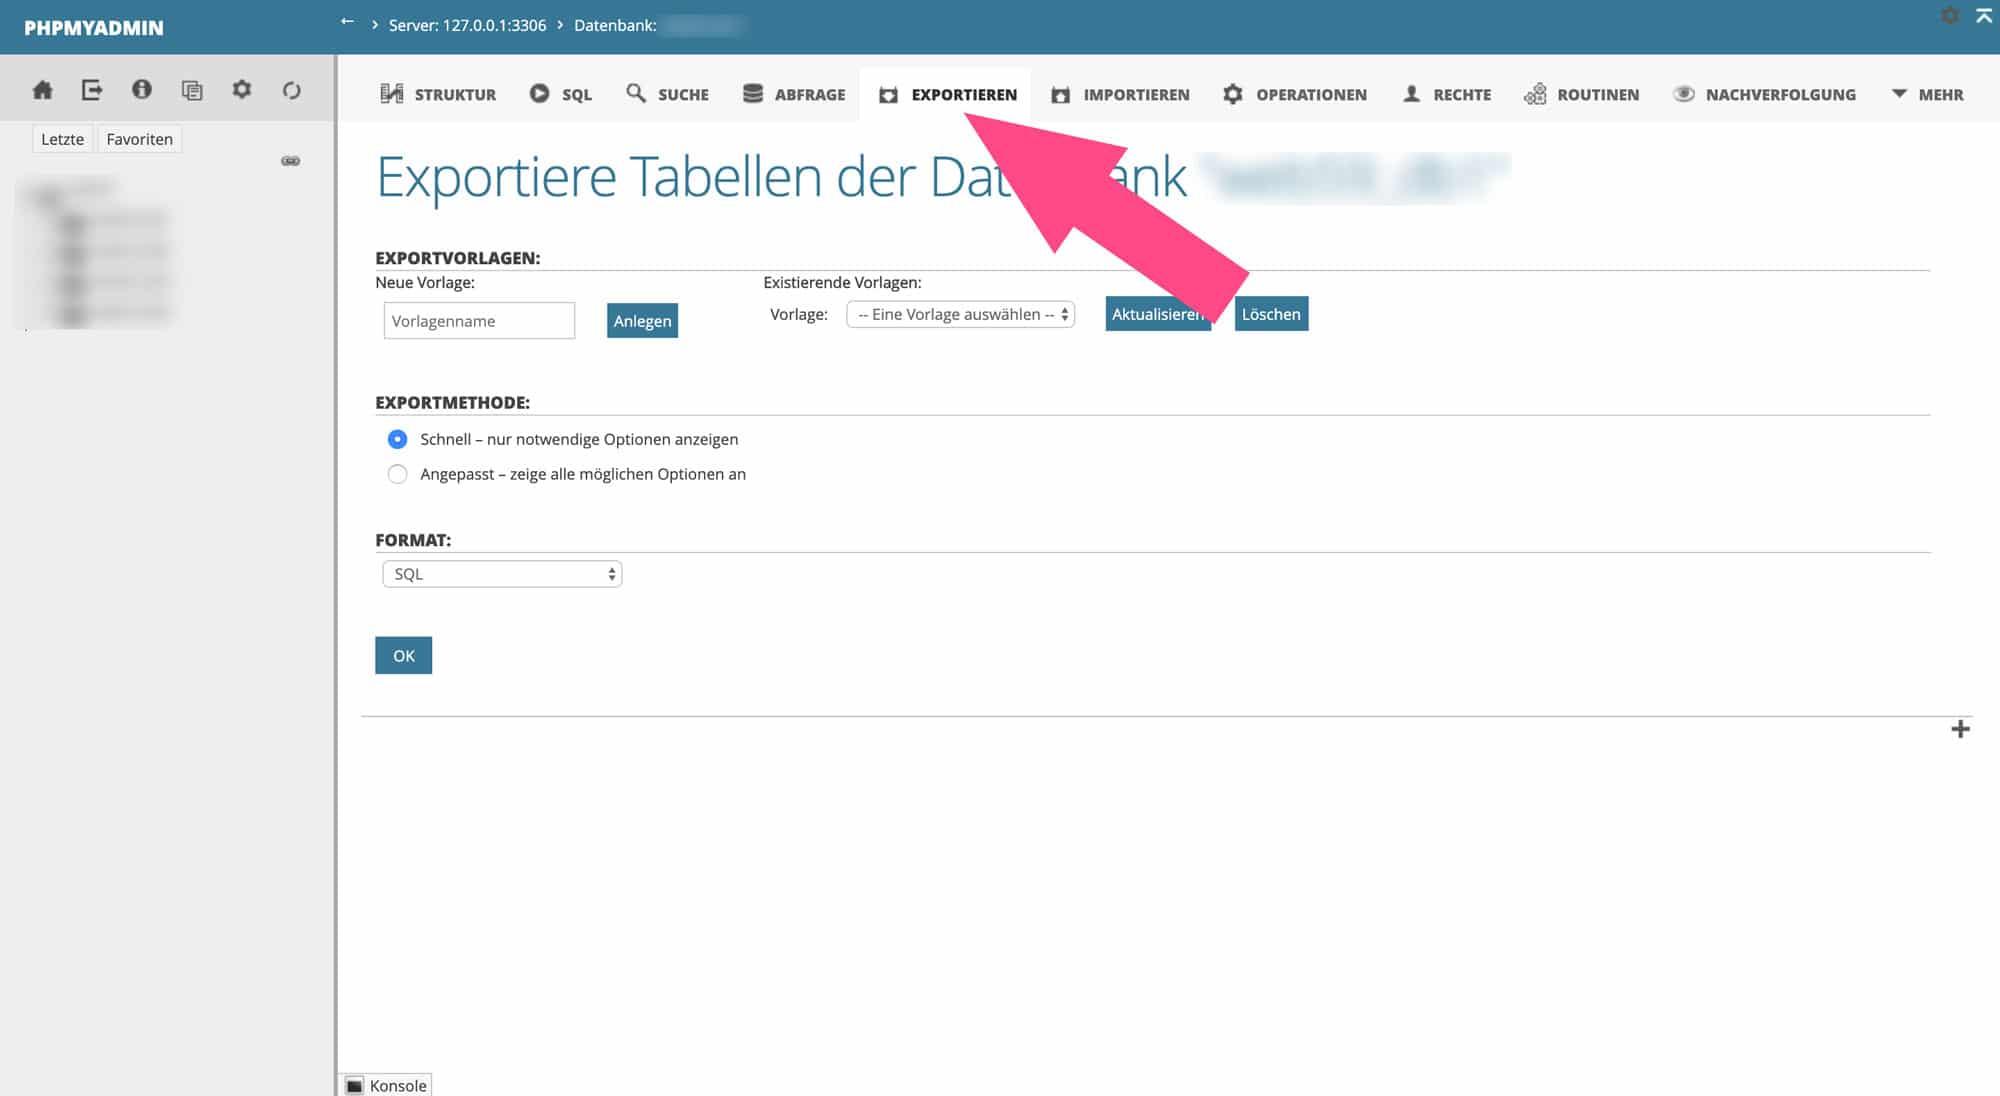 Mit einem Klick auf Exportieren speicherst du deine Datenbank ab